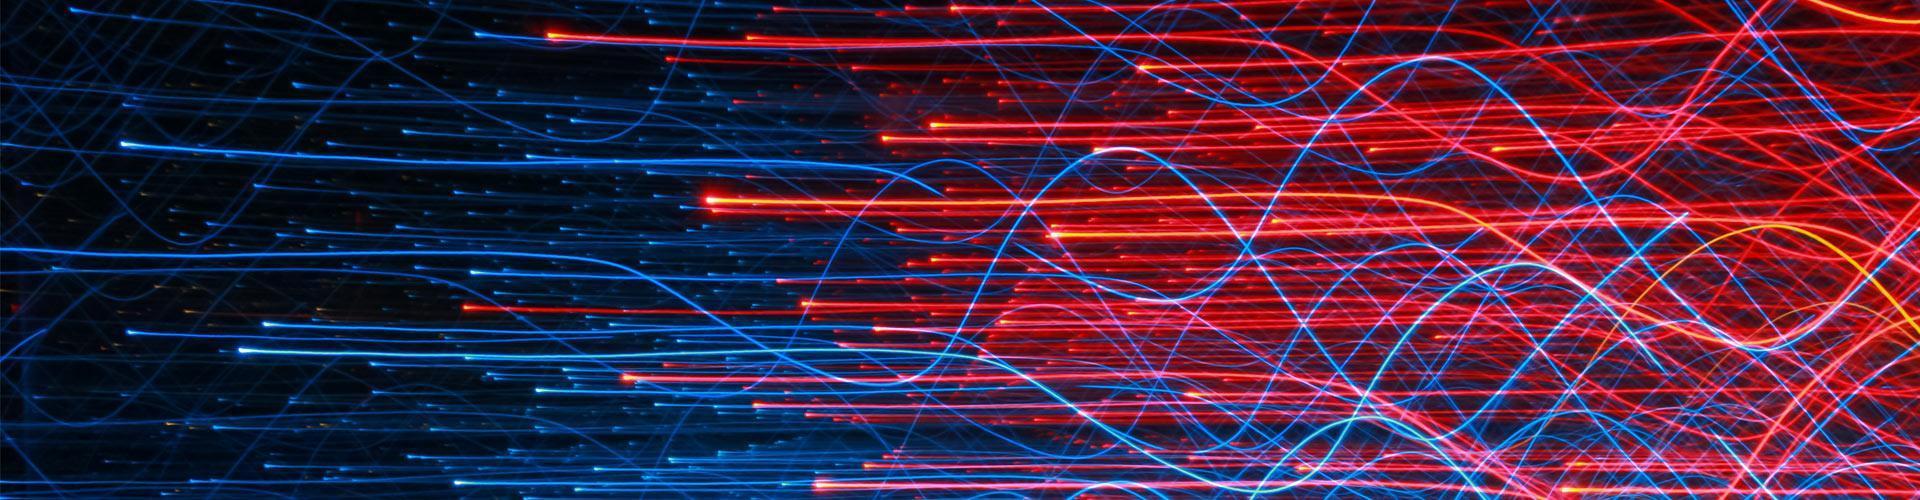 визуализация потока цветных лучей